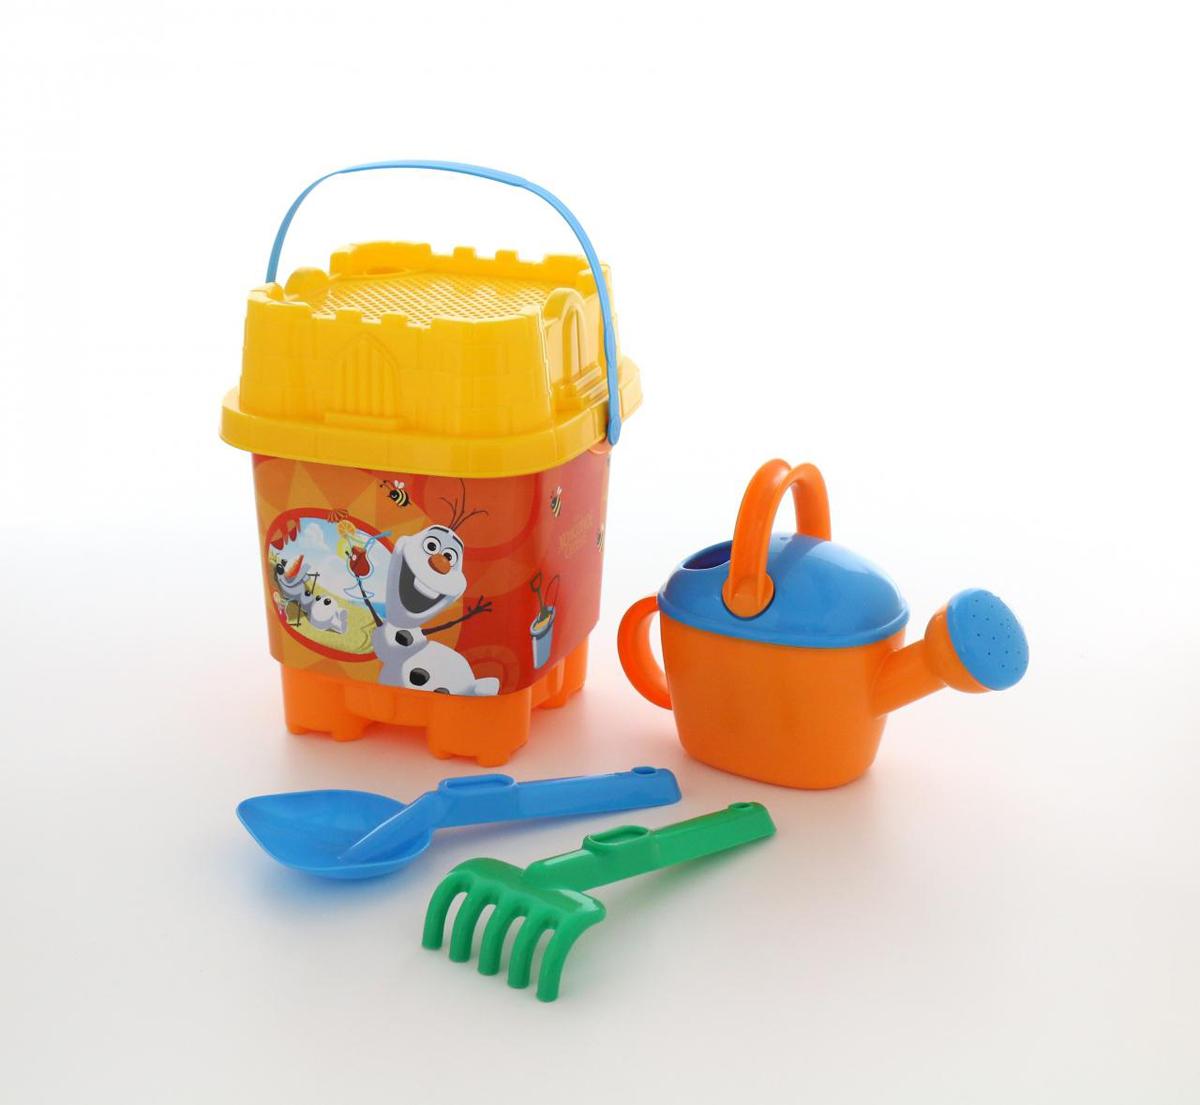 Disney Набор игрушек для песочницы Холодное сердце №18